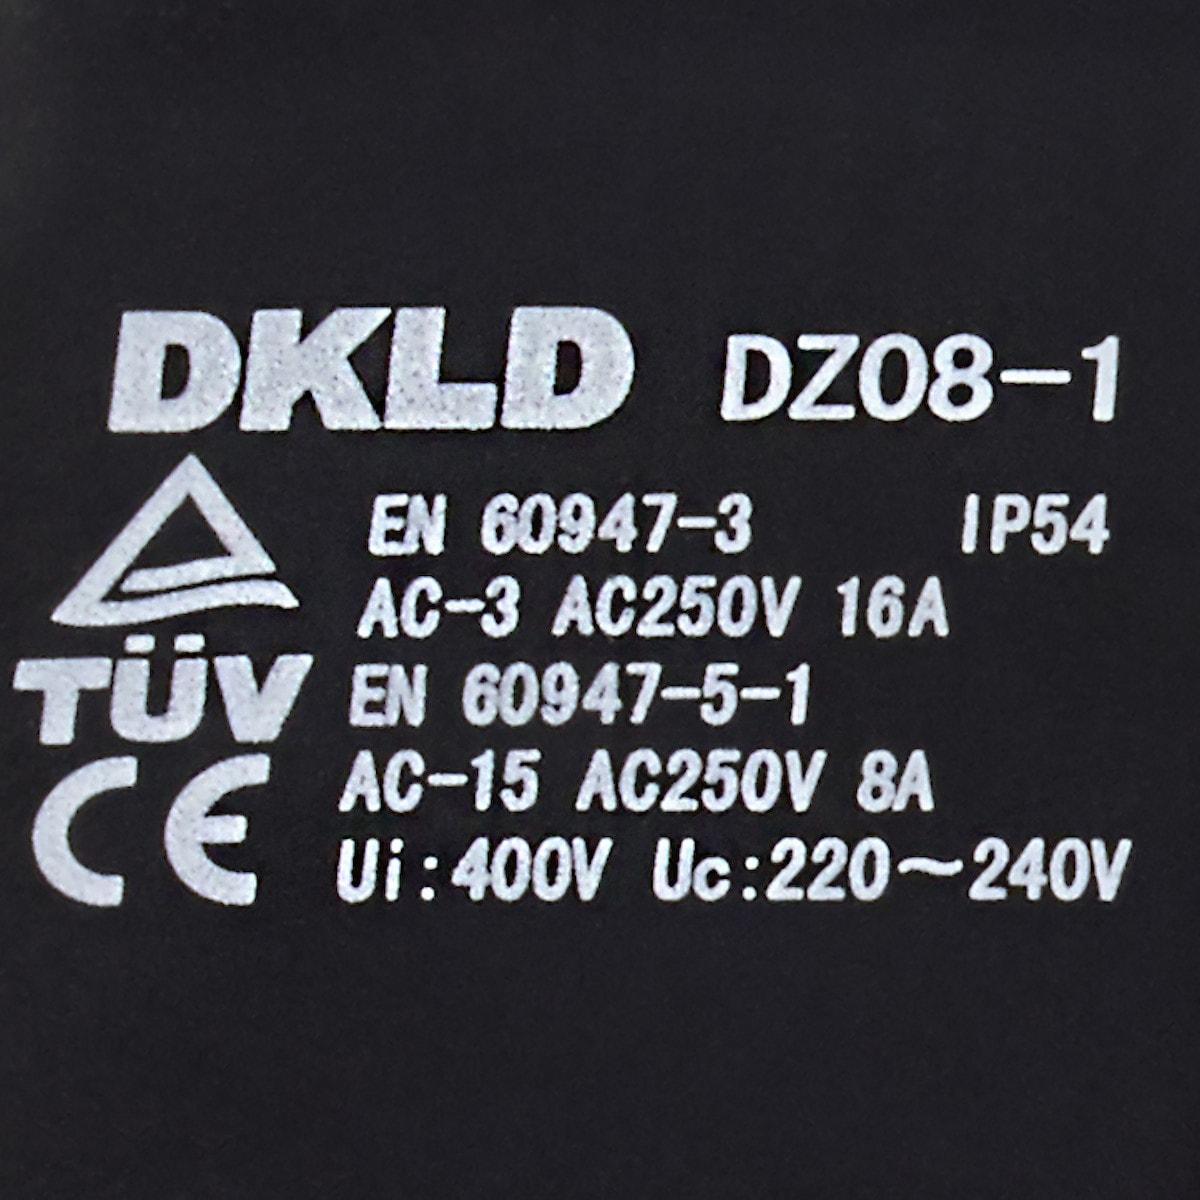 Motor Cotech 230V 2200W